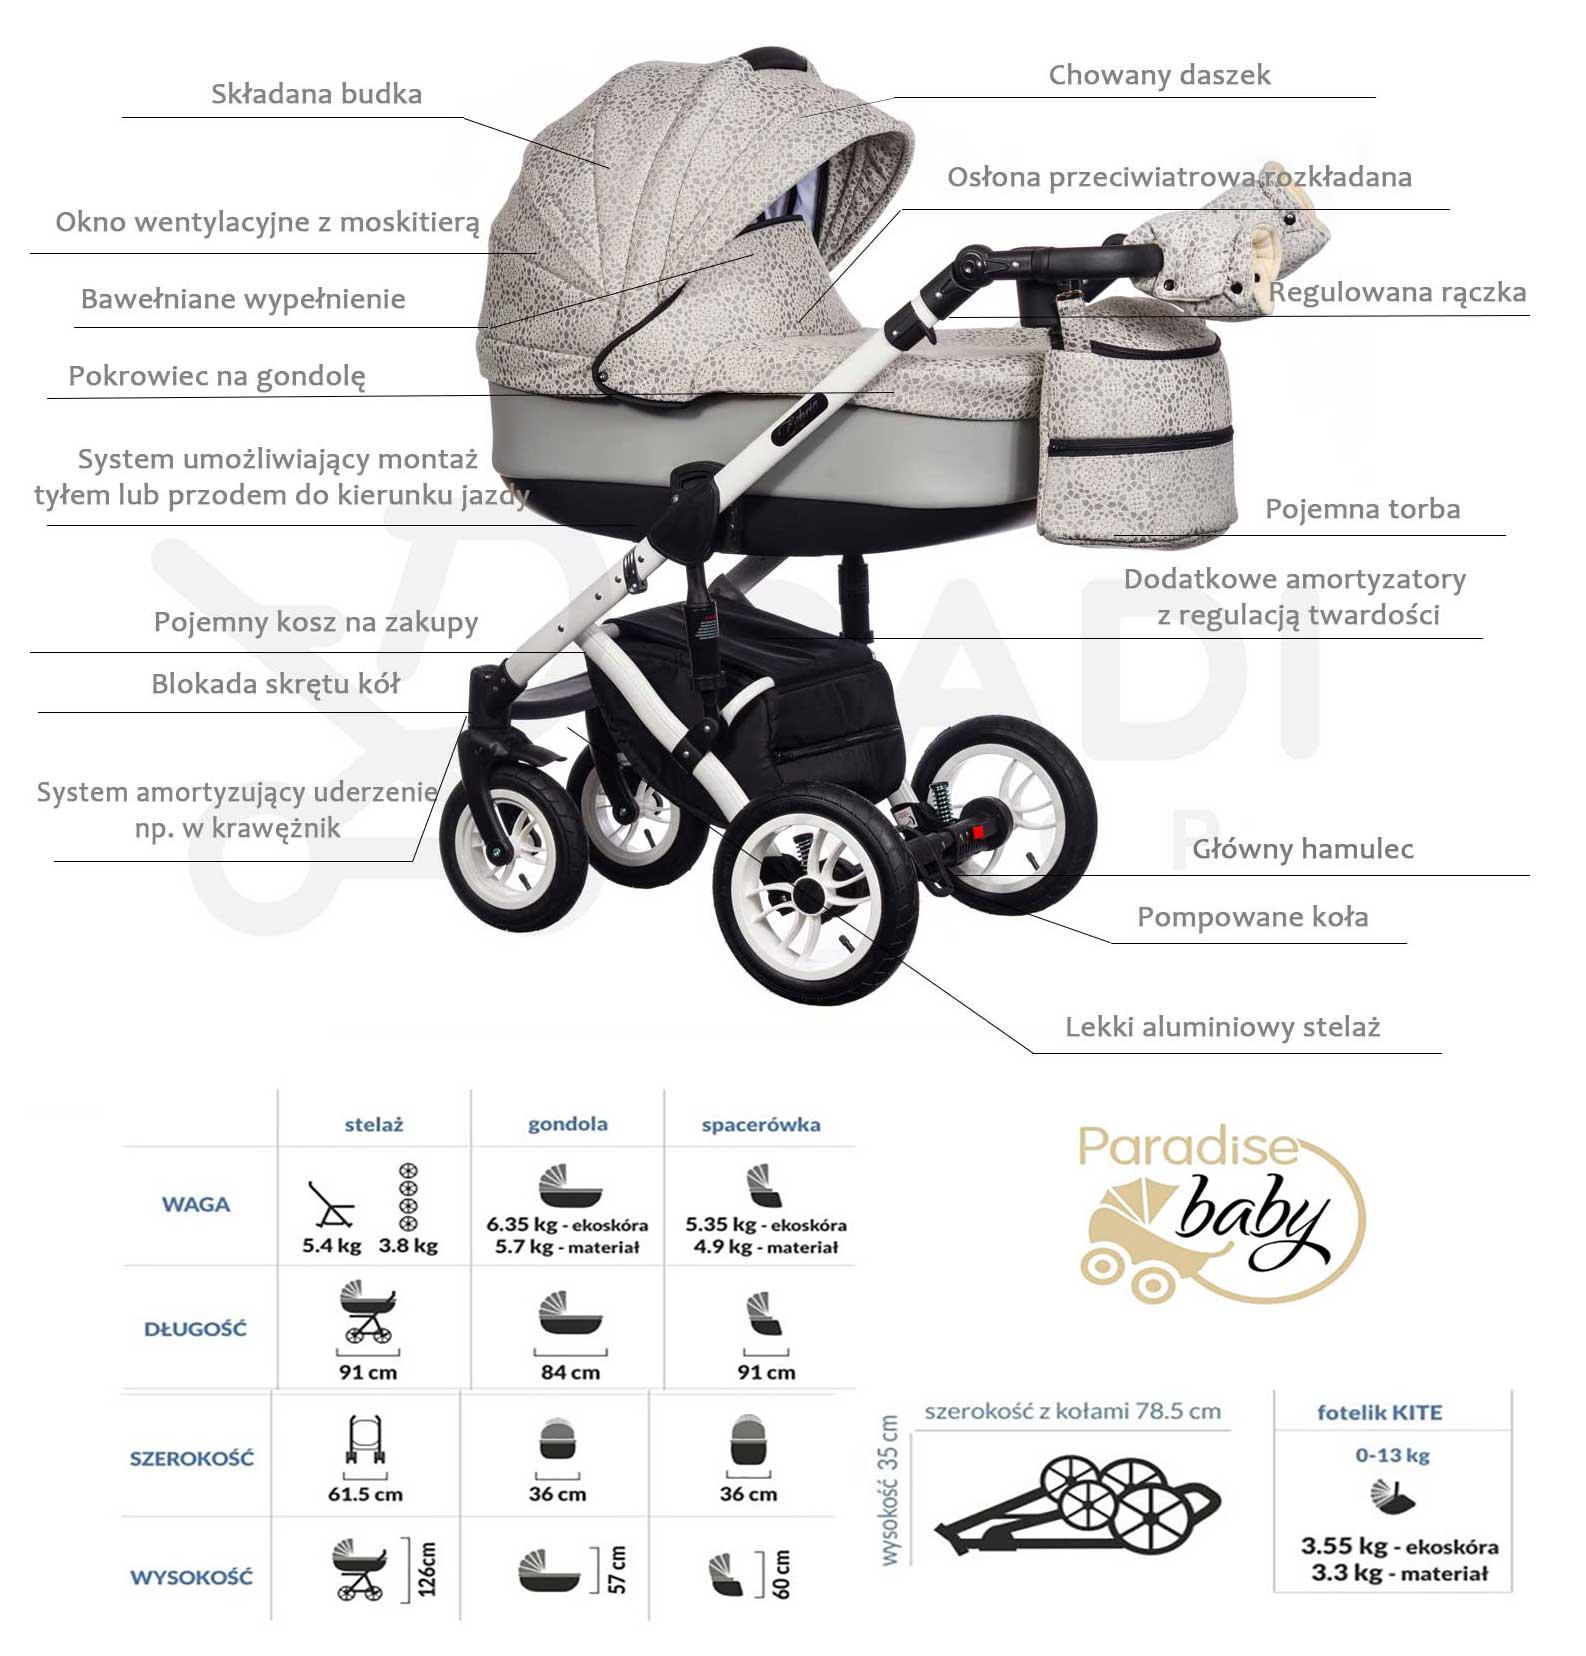 wózek Euforia Paradise Baby dziecięcy wielofunkcyjny opis Dadi Shop